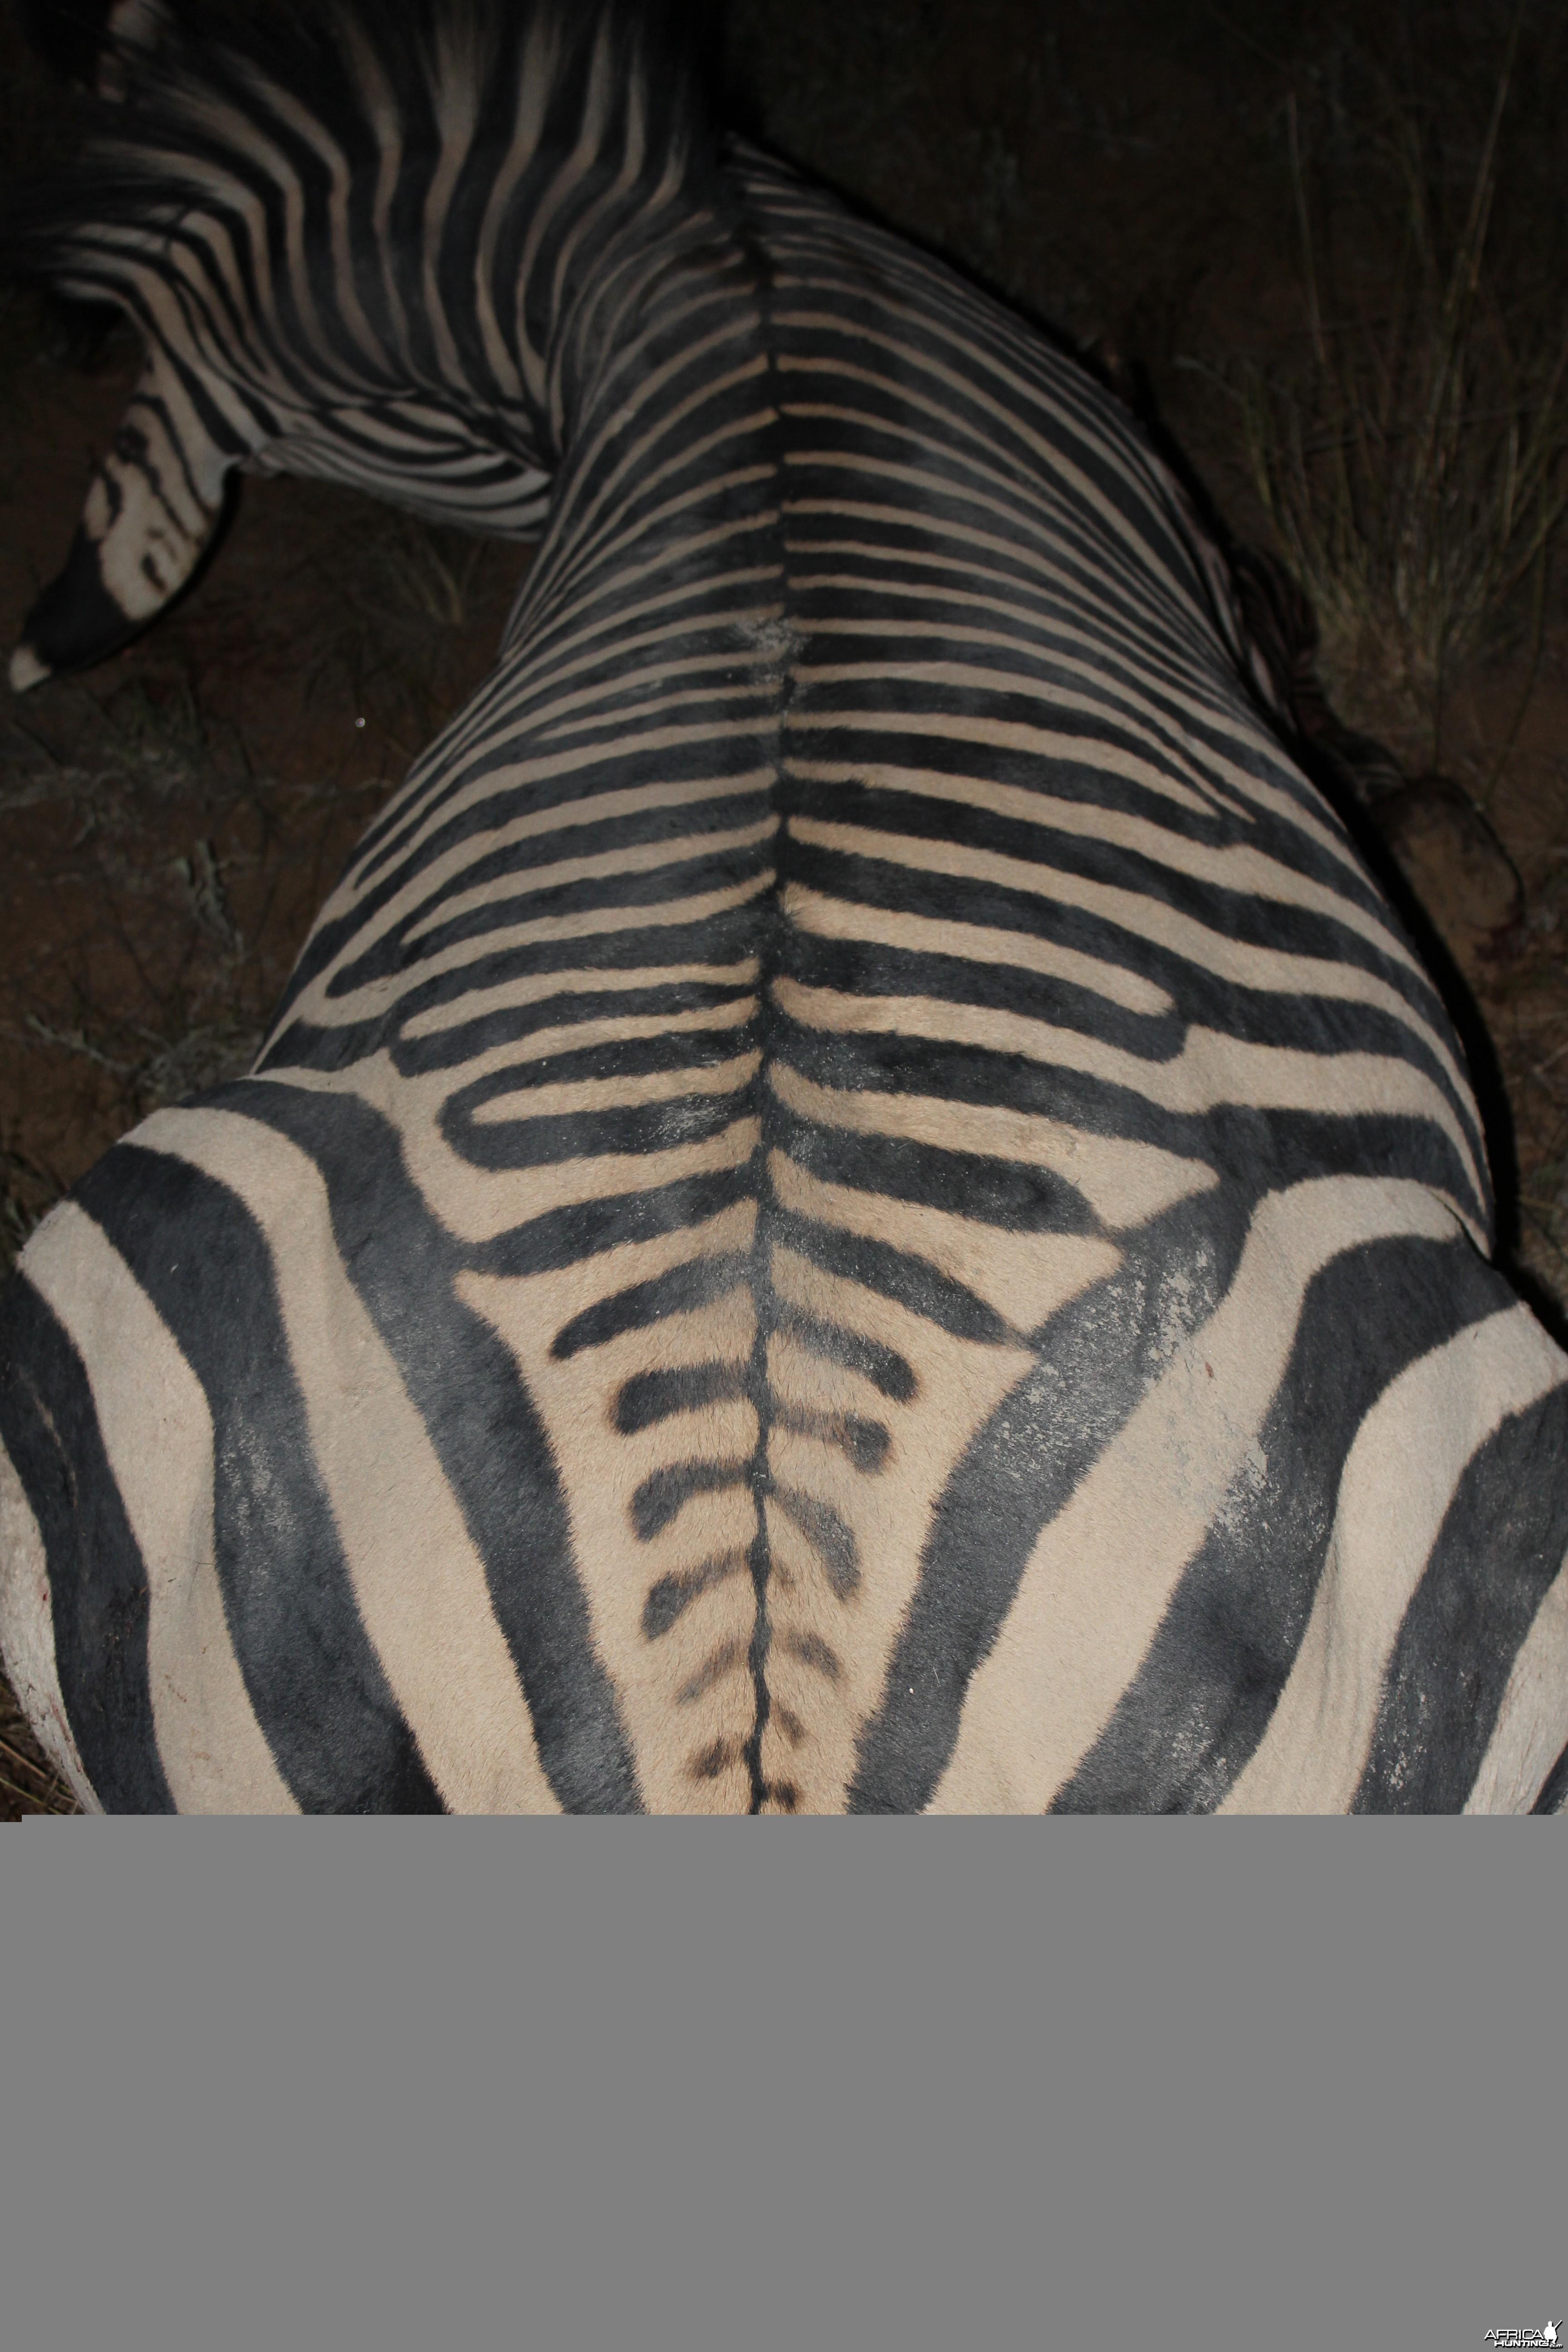 Namibia 2012 Hartman's Zebra